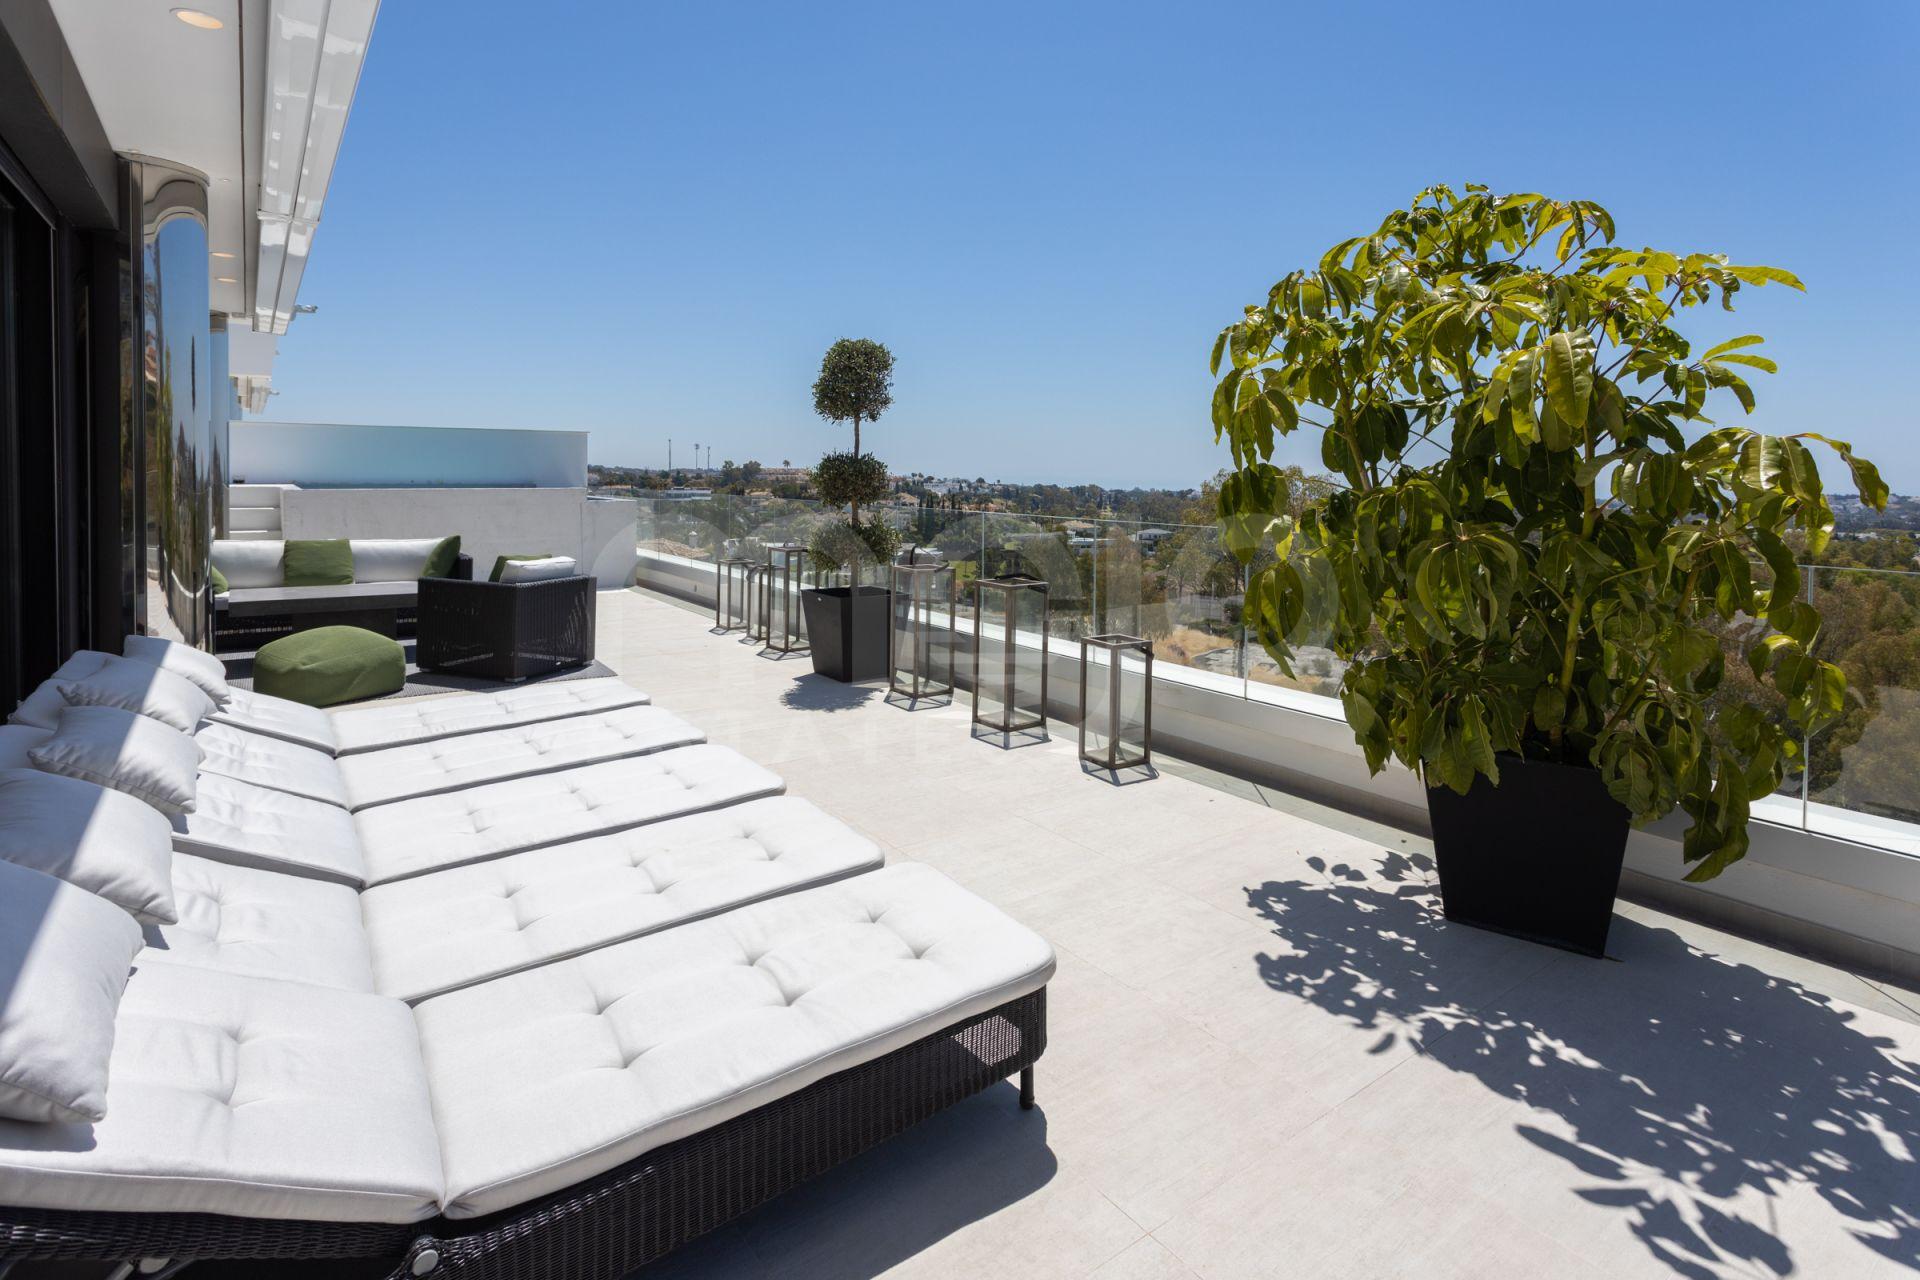 Si vous cherchez un Penthouse privé avec le plus haut standard et votre propre piscine, ceci est pour vous!